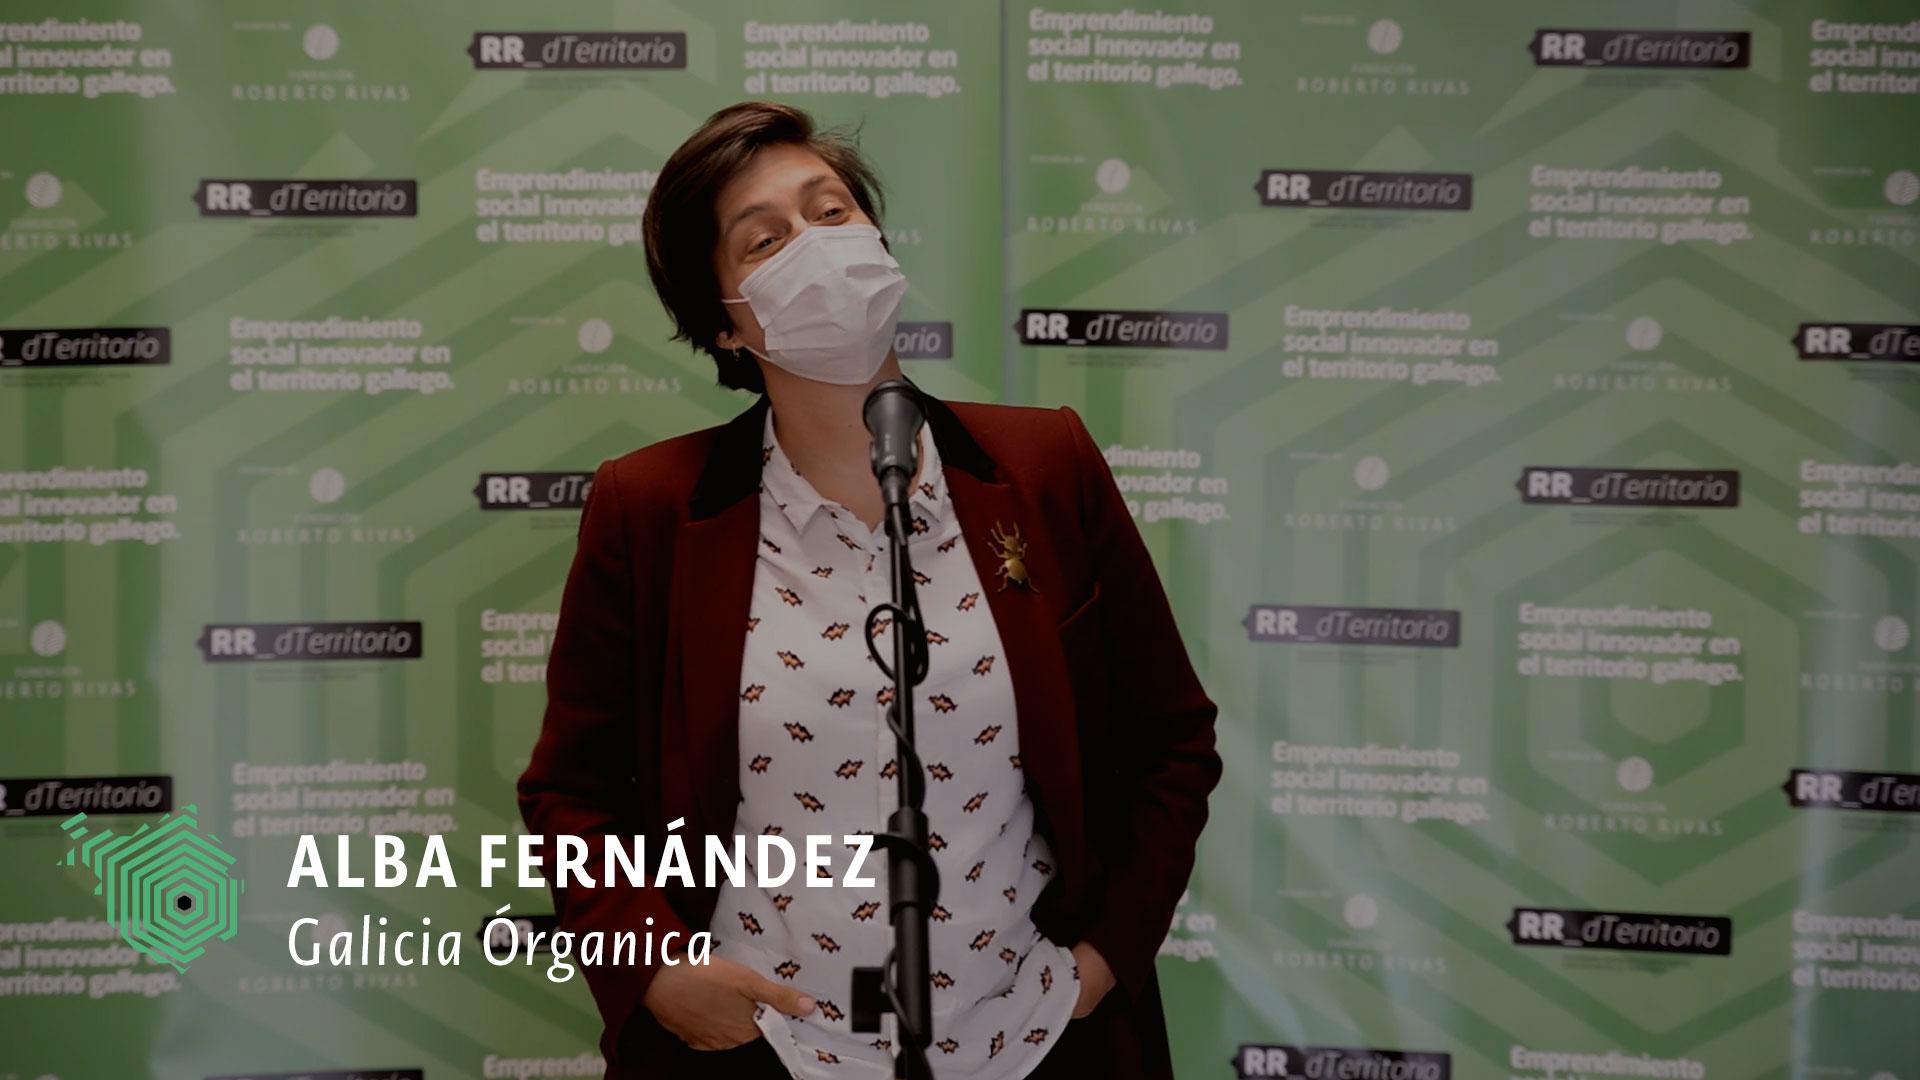 Galicia Orgánica de Alba Fernández